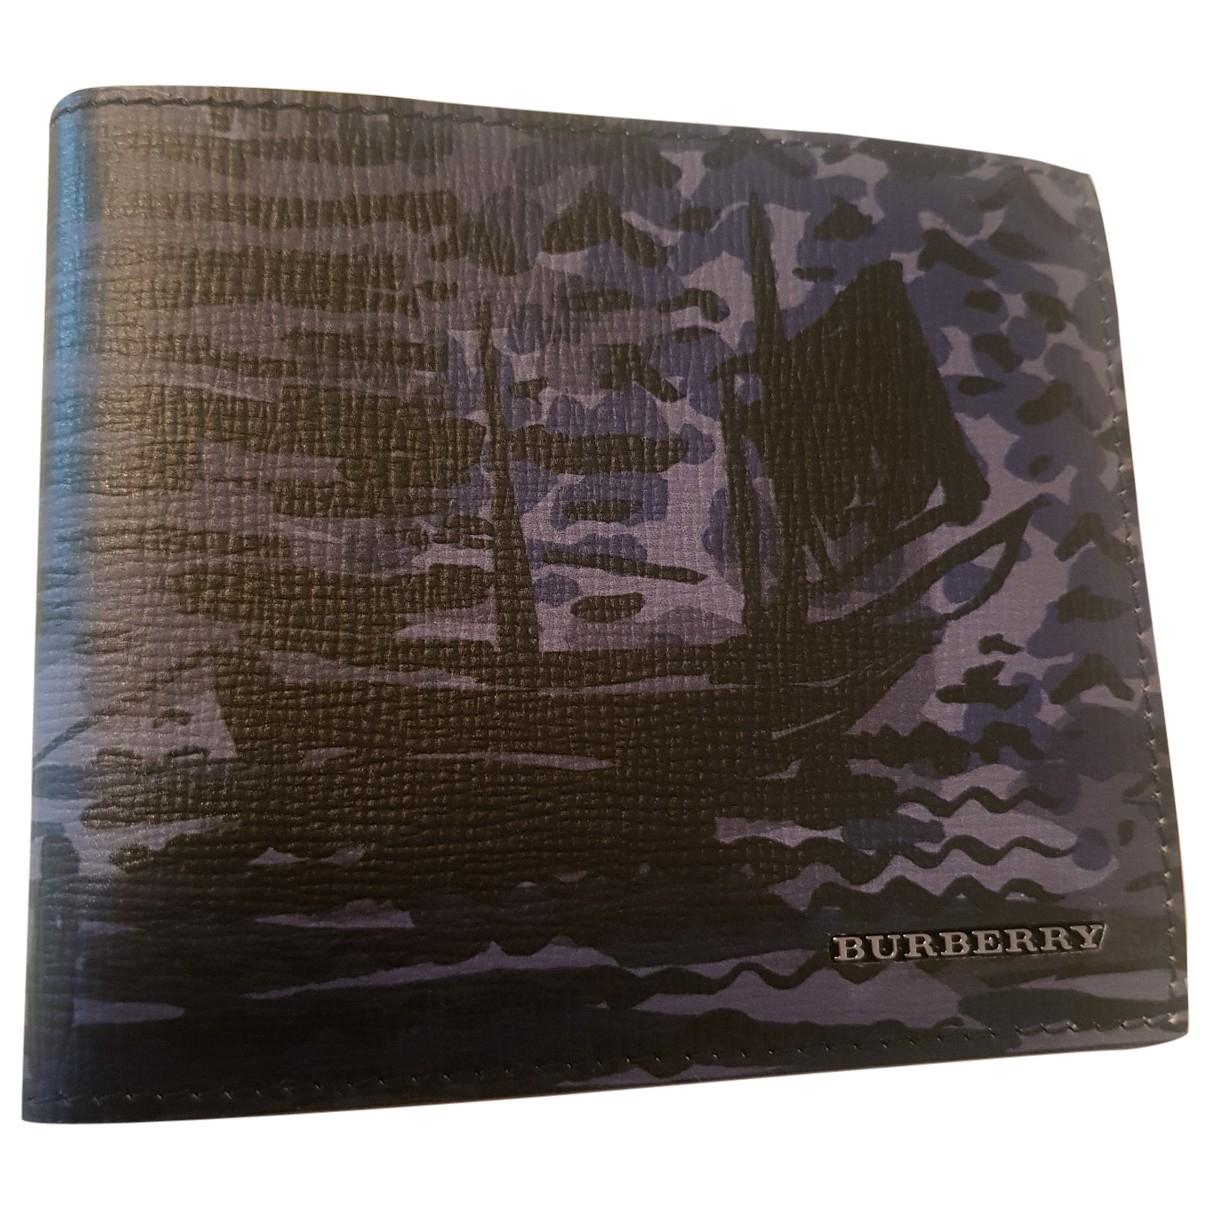 Burberry - Petite maroquinerie   pour homme en cuir - bleu